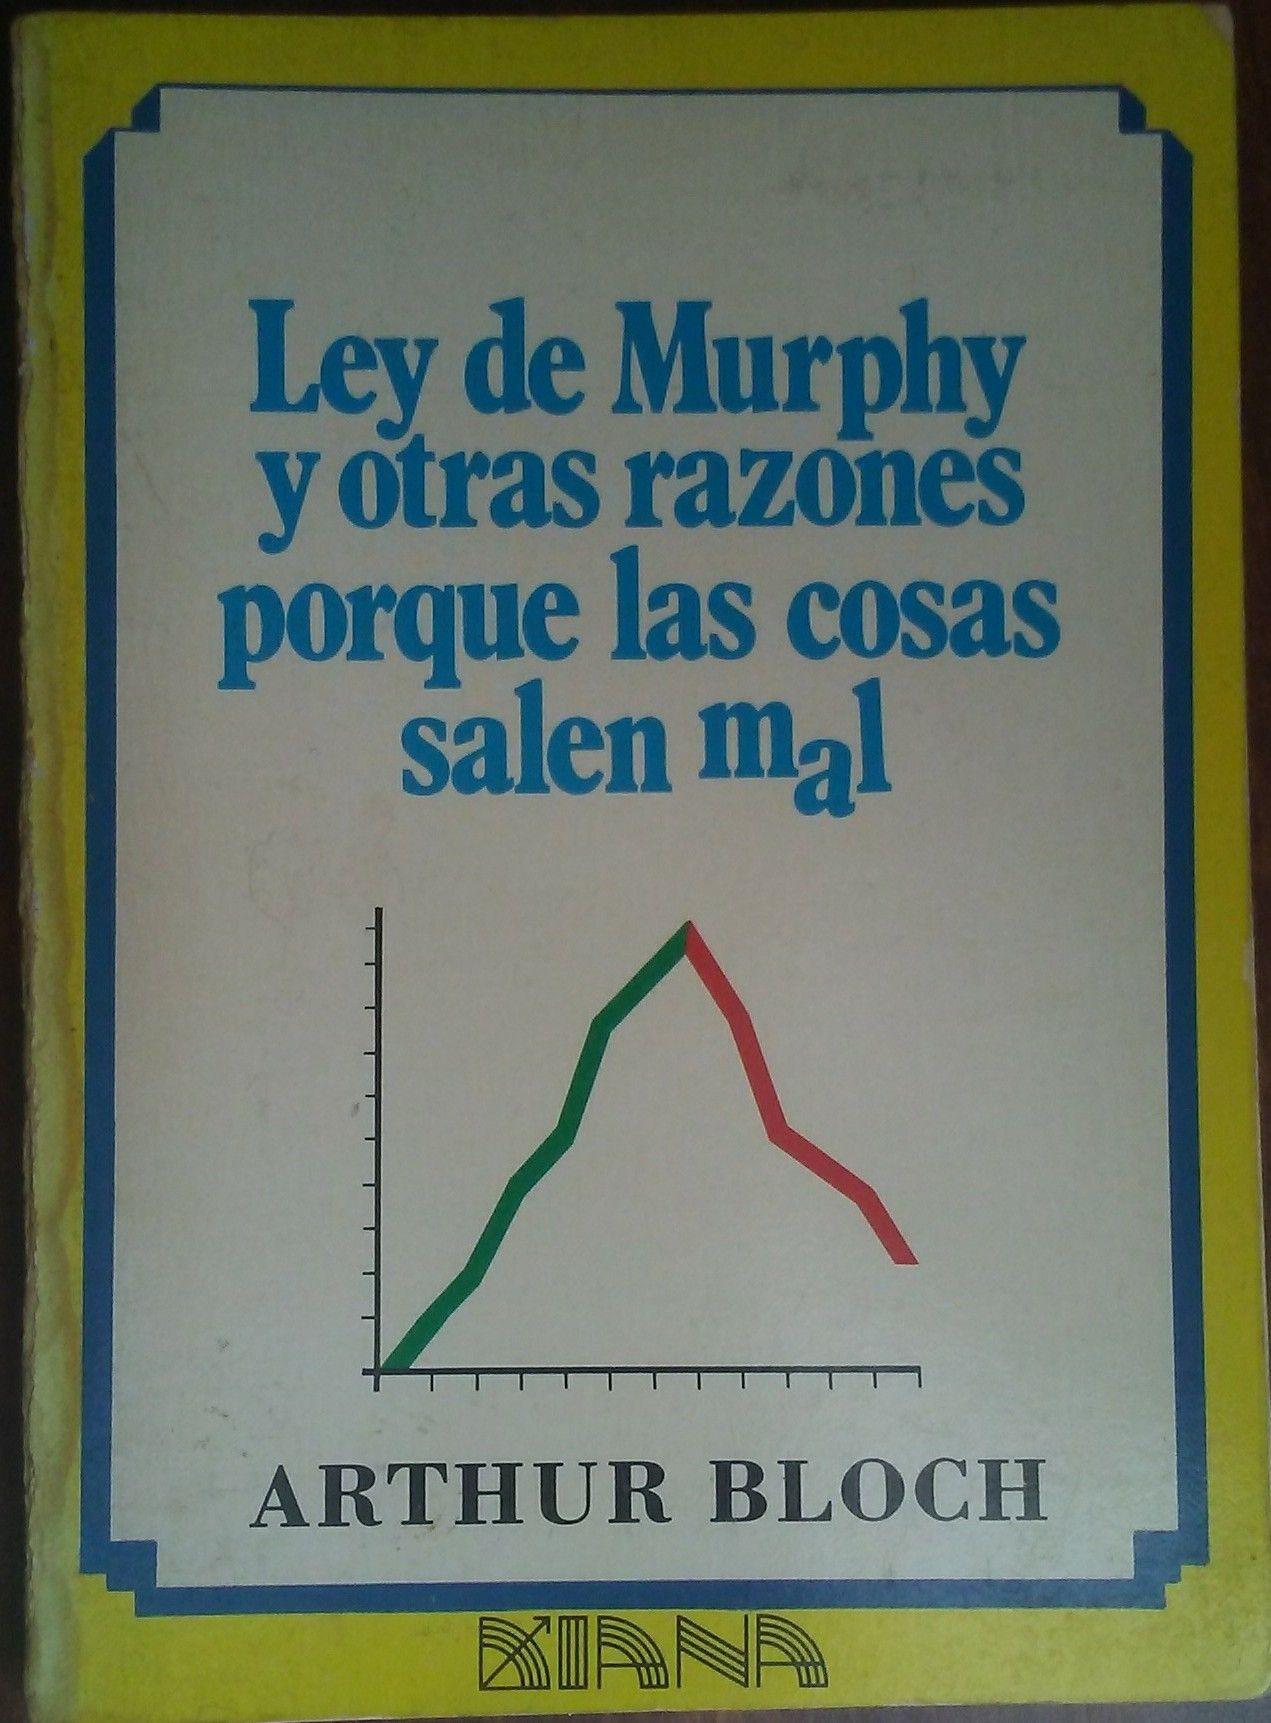 Ley De Murphy Y Otras Razones Por Que Las Cosas Salen Mal Arthur Bloch Leido En 2016 Leer Ley De Murphy Libros